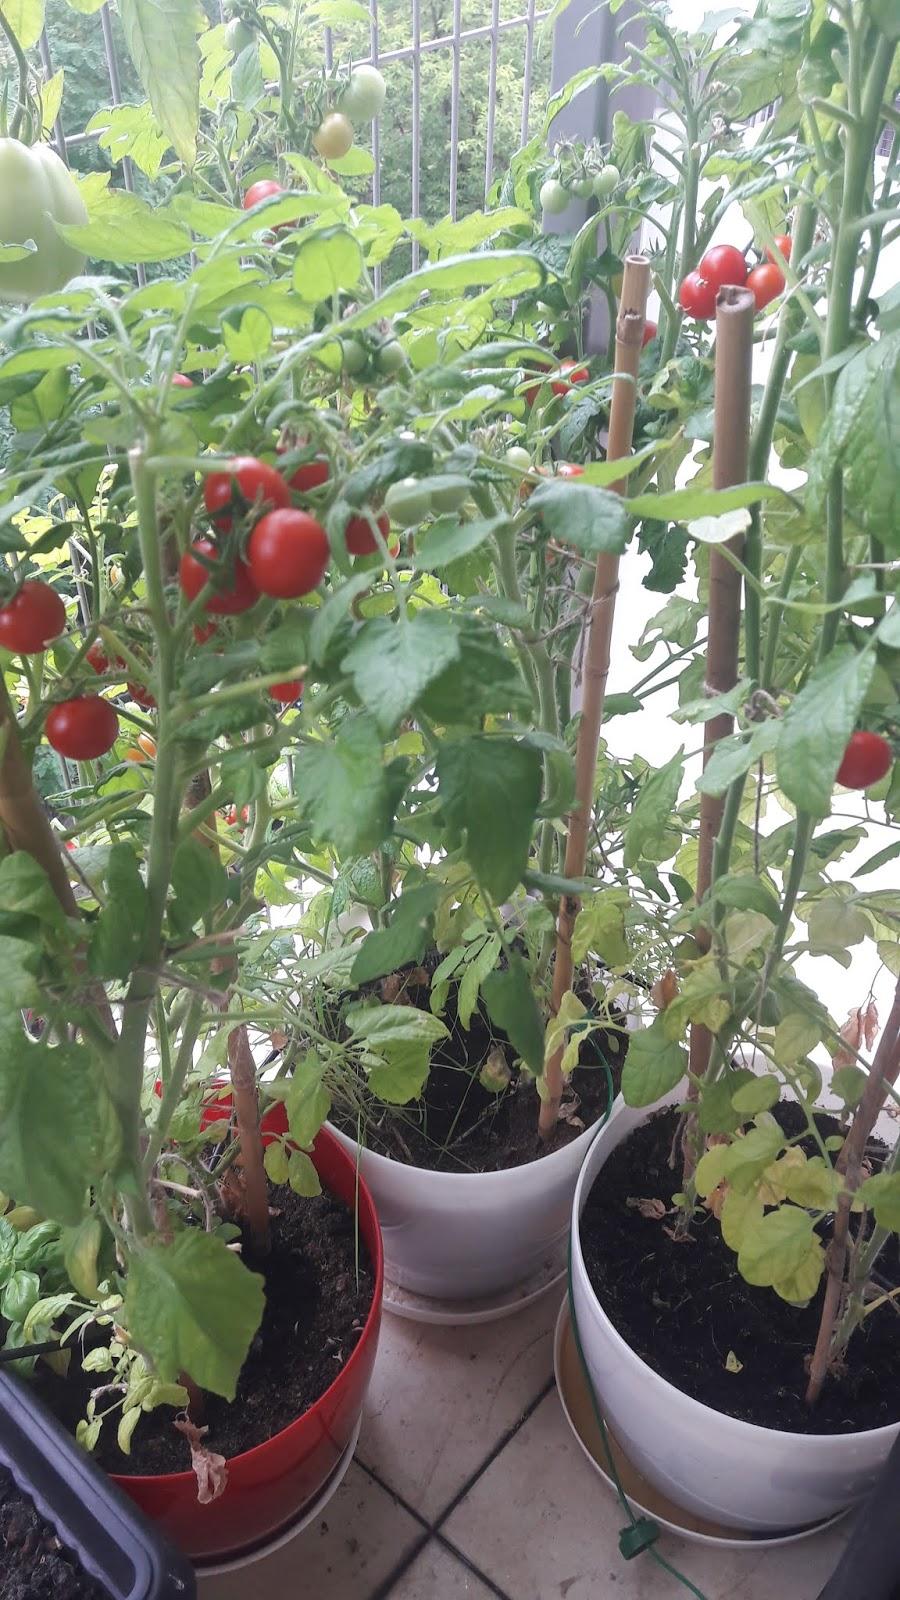 Własne Warzywa Na Balkonie Hodowla Z Nasion Vs Gotowe Sadzonki